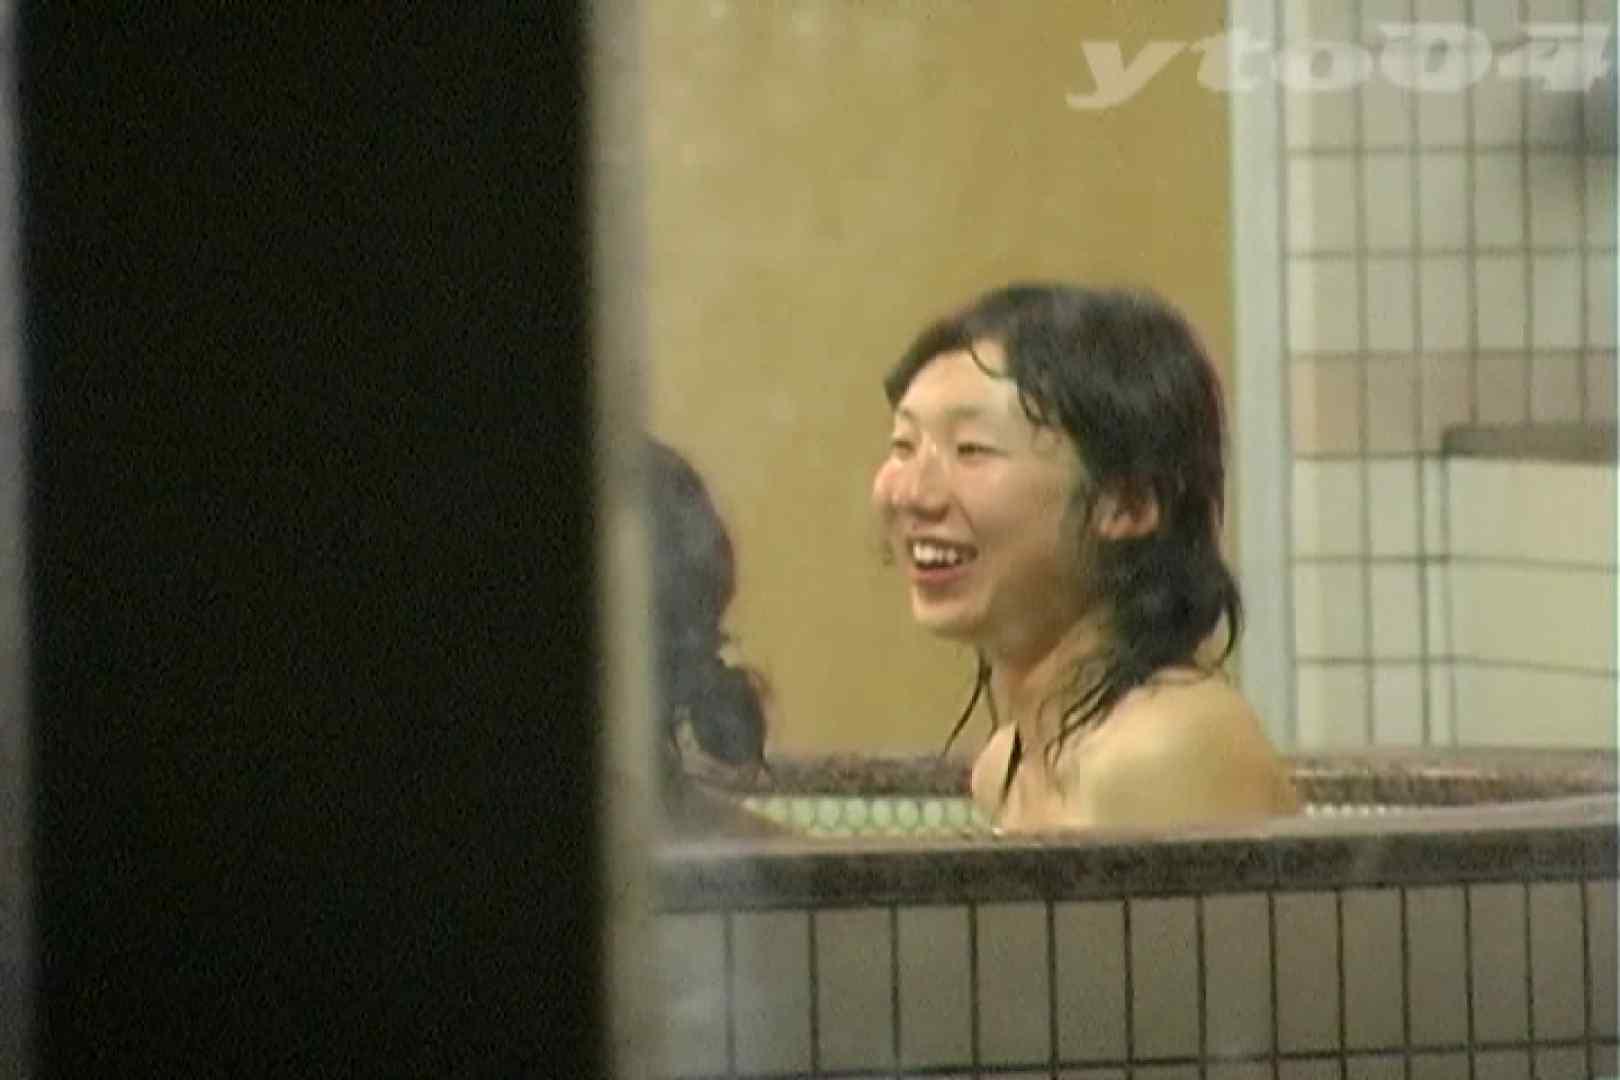 ▲復活限定▲合宿ホテル女風呂盗撮 Vol.24 OL女体 覗きおまんこ画像 75連発 32